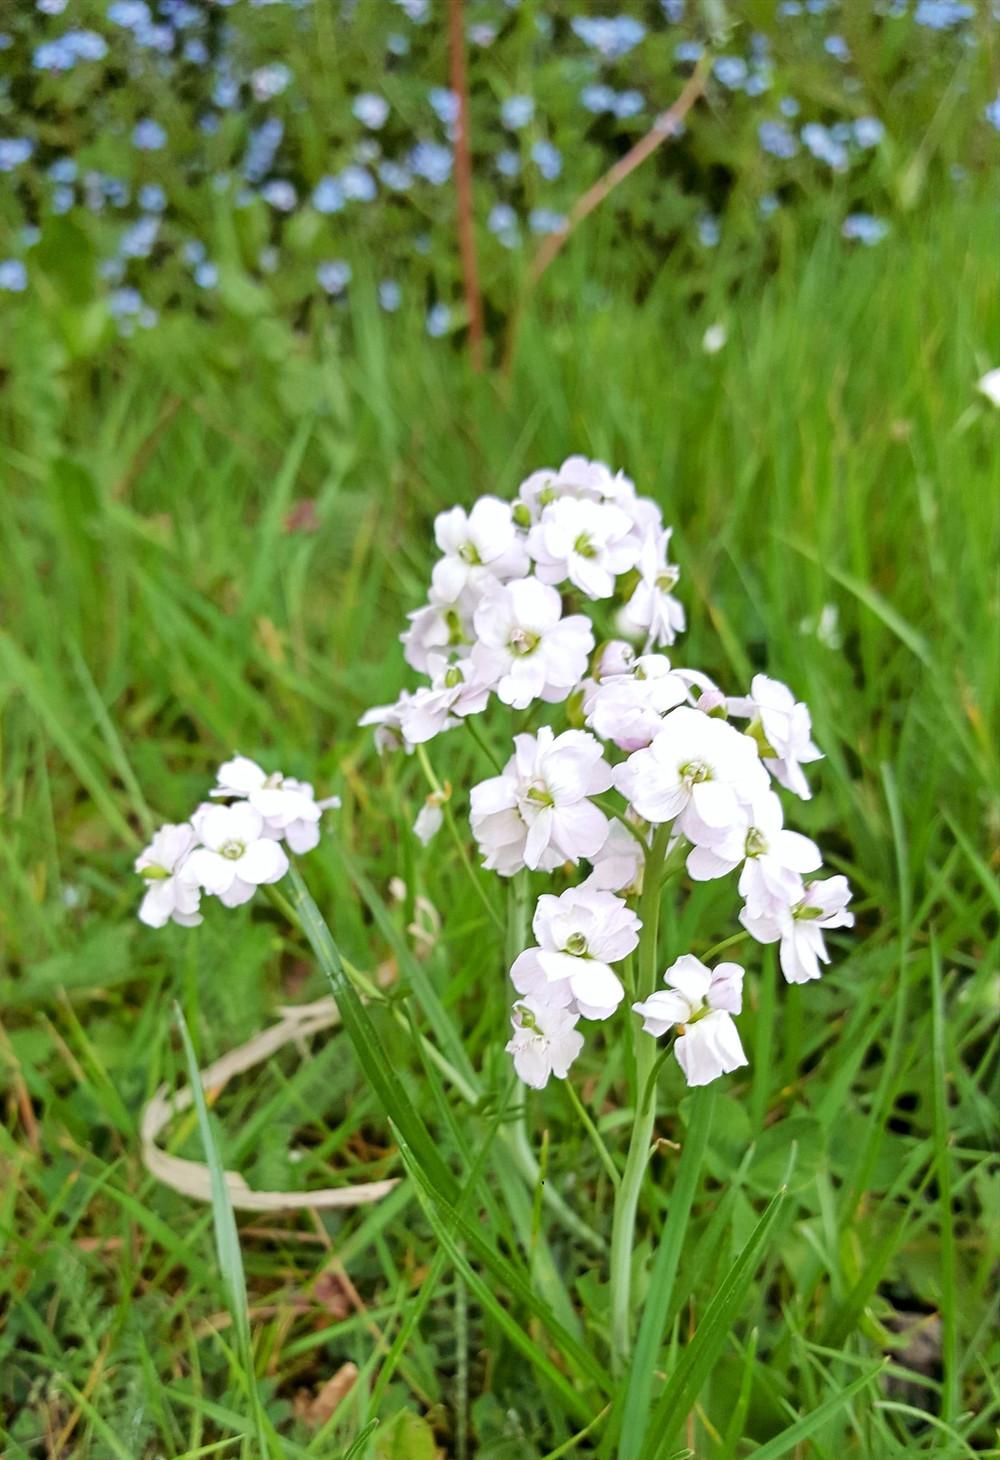 White flower in grass